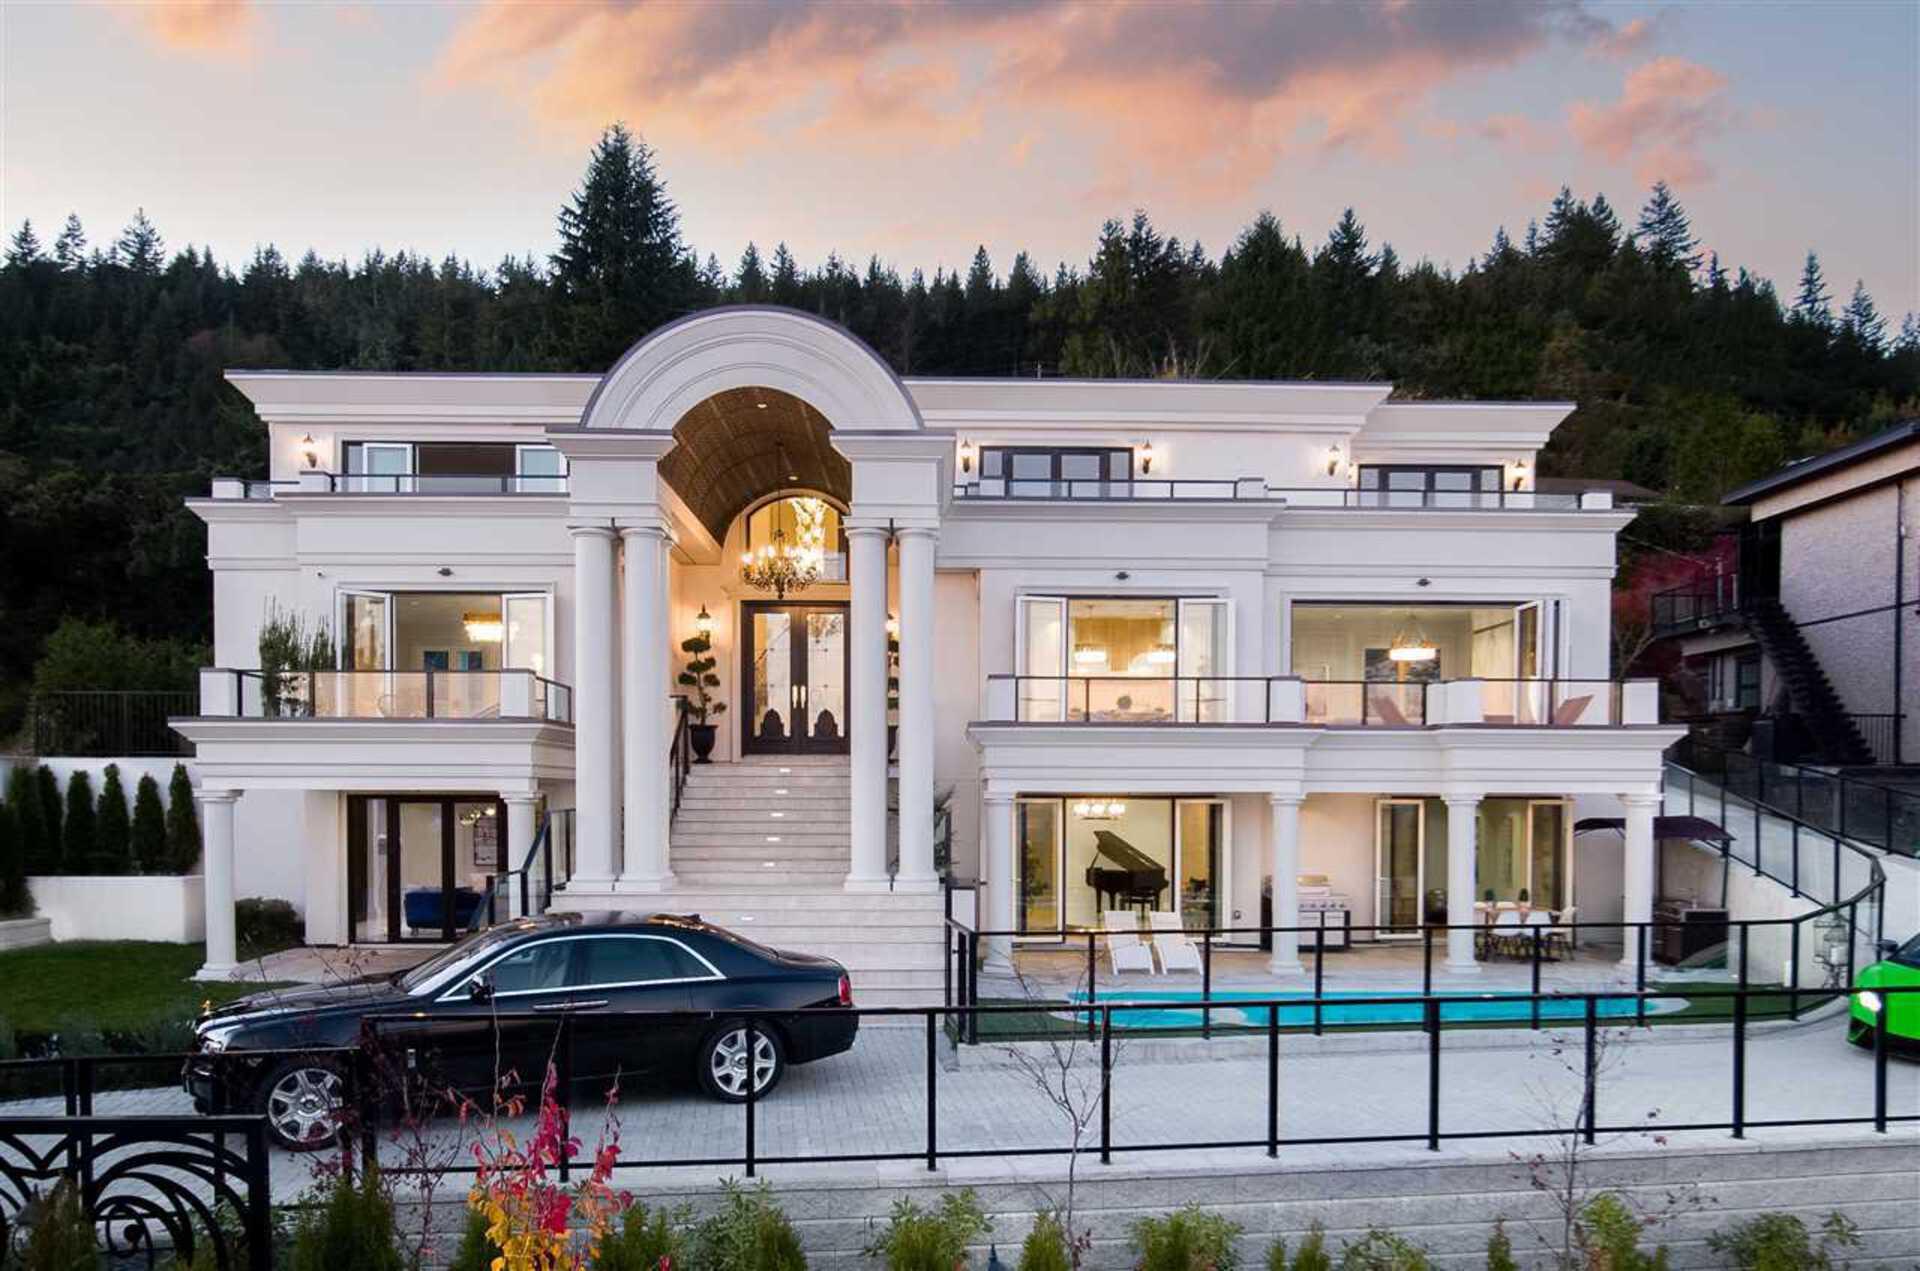 667-andover-crescent-british-properties-west-vancouver-02 at 667 Andover Crescent, British Properties, West Vancouver